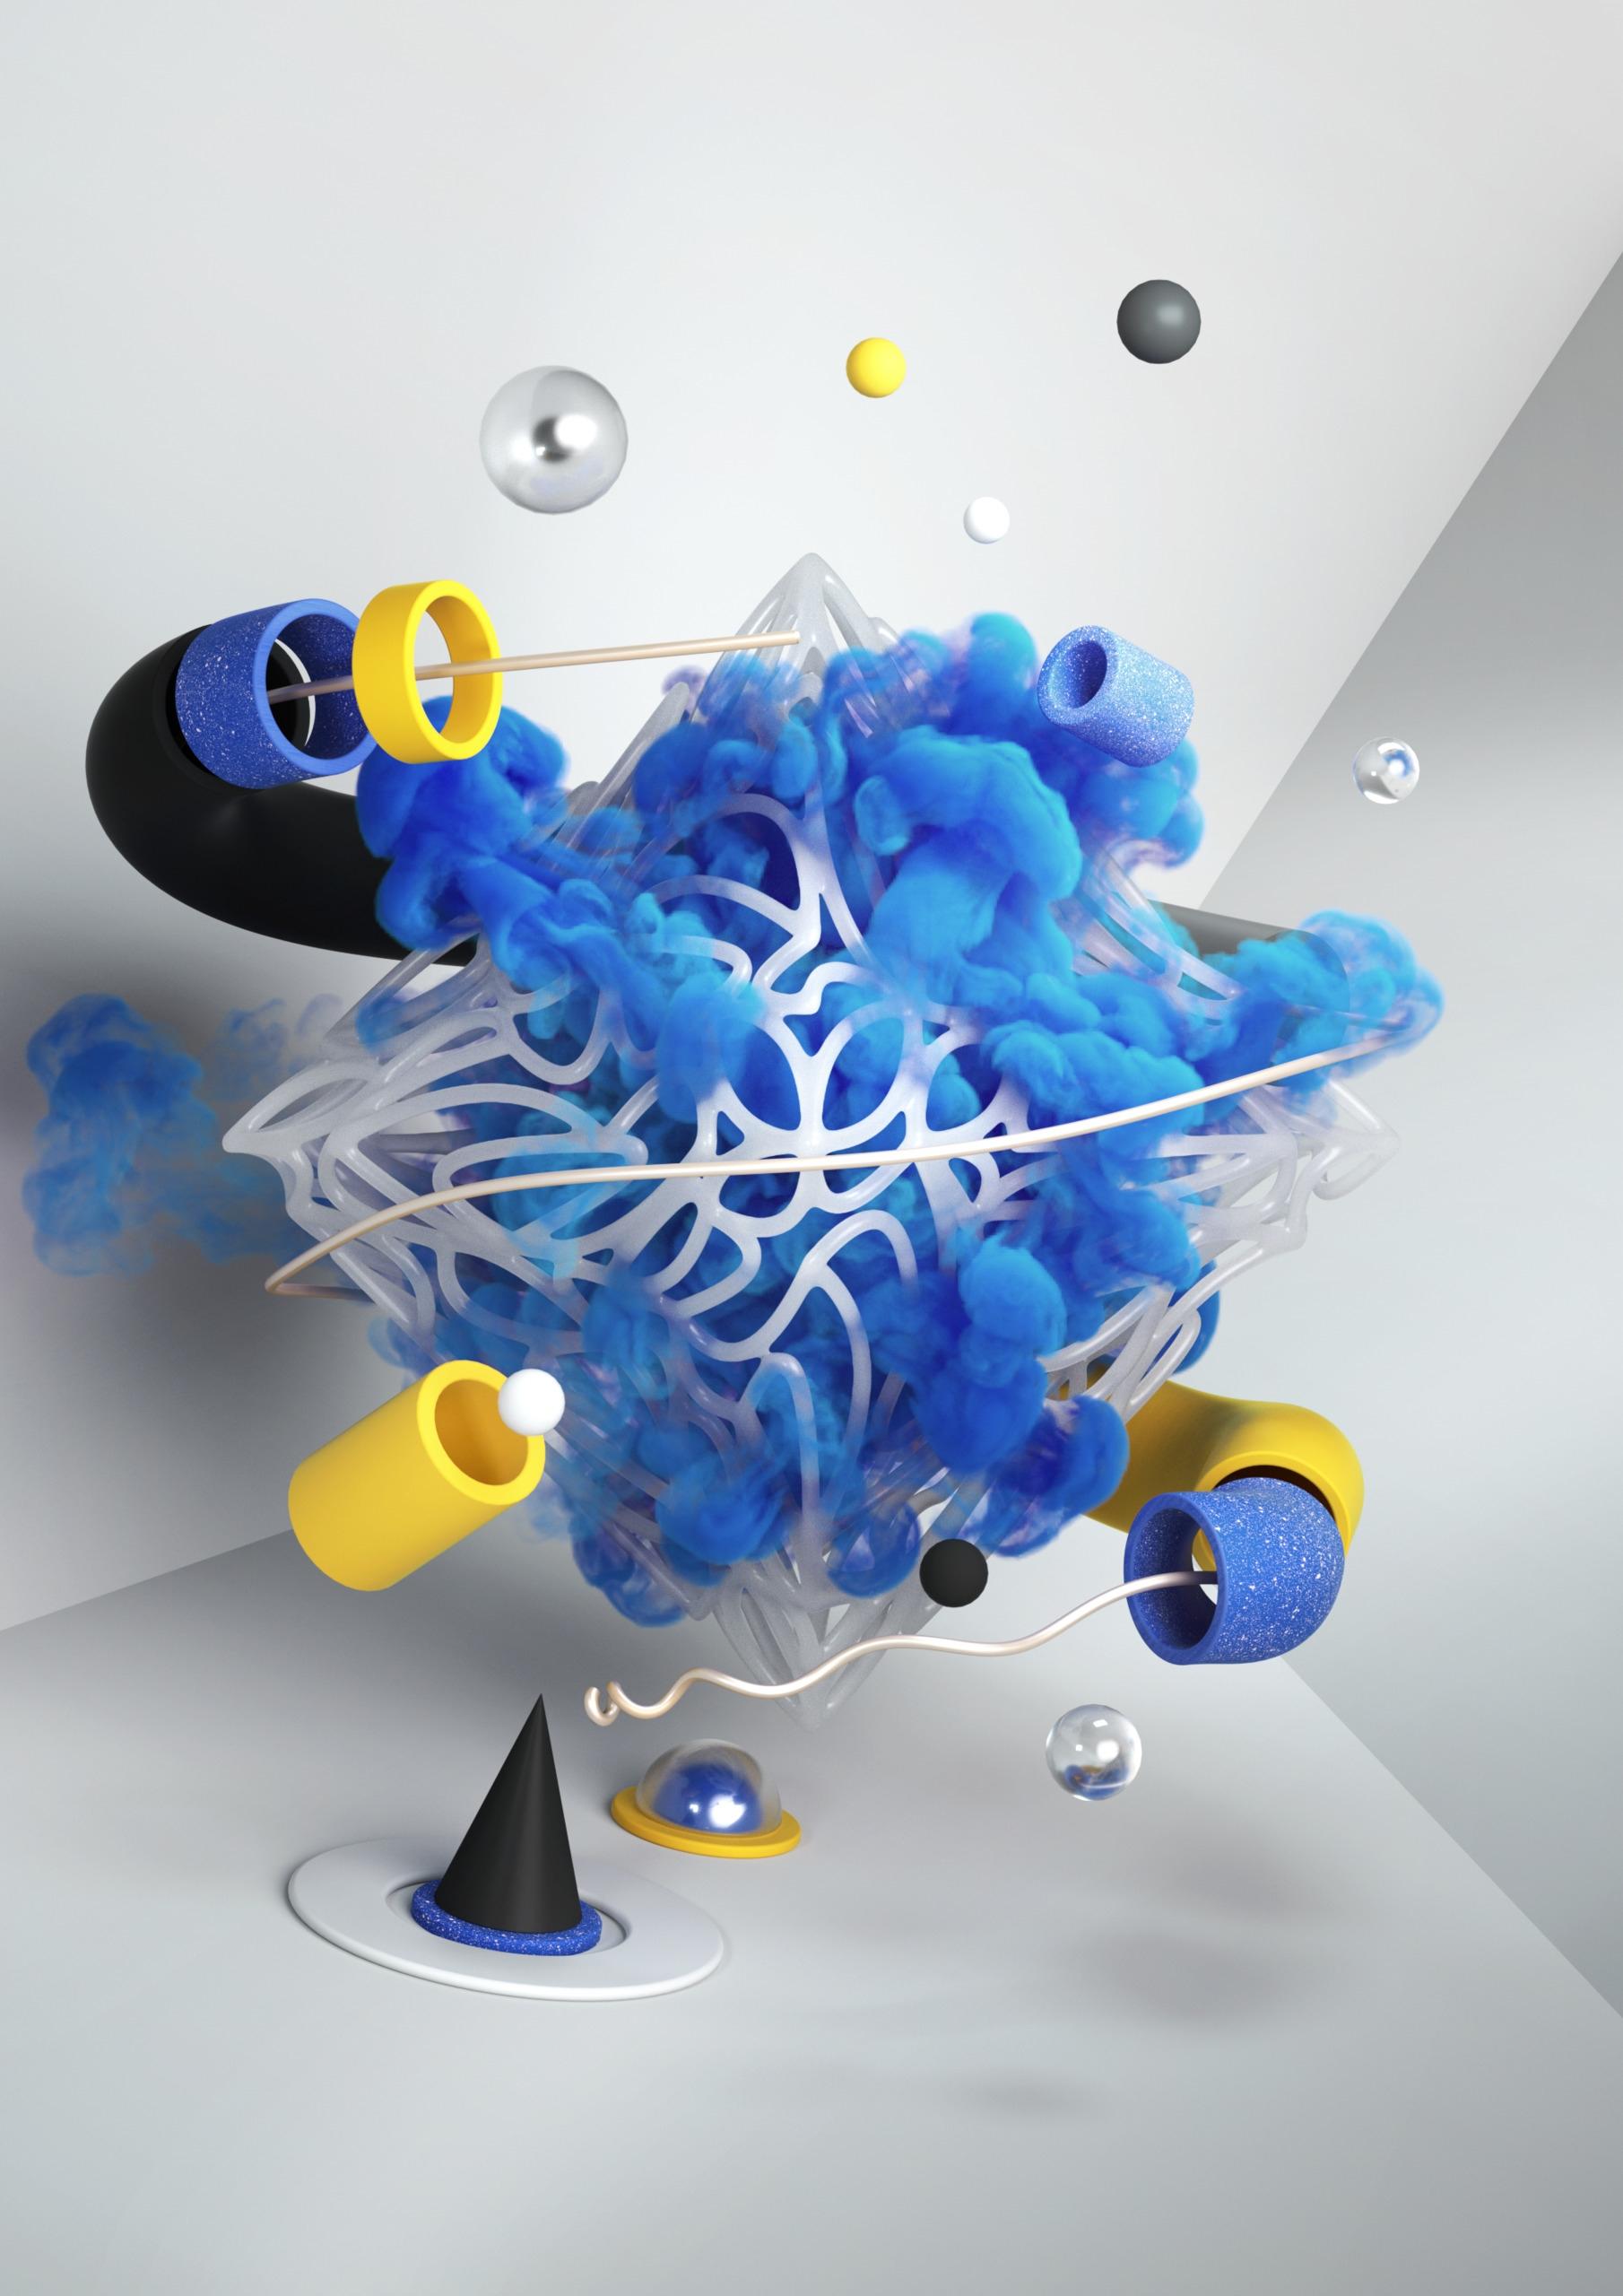 FLOATING 02 /alt colours - art, render - mateuszkrol | ello